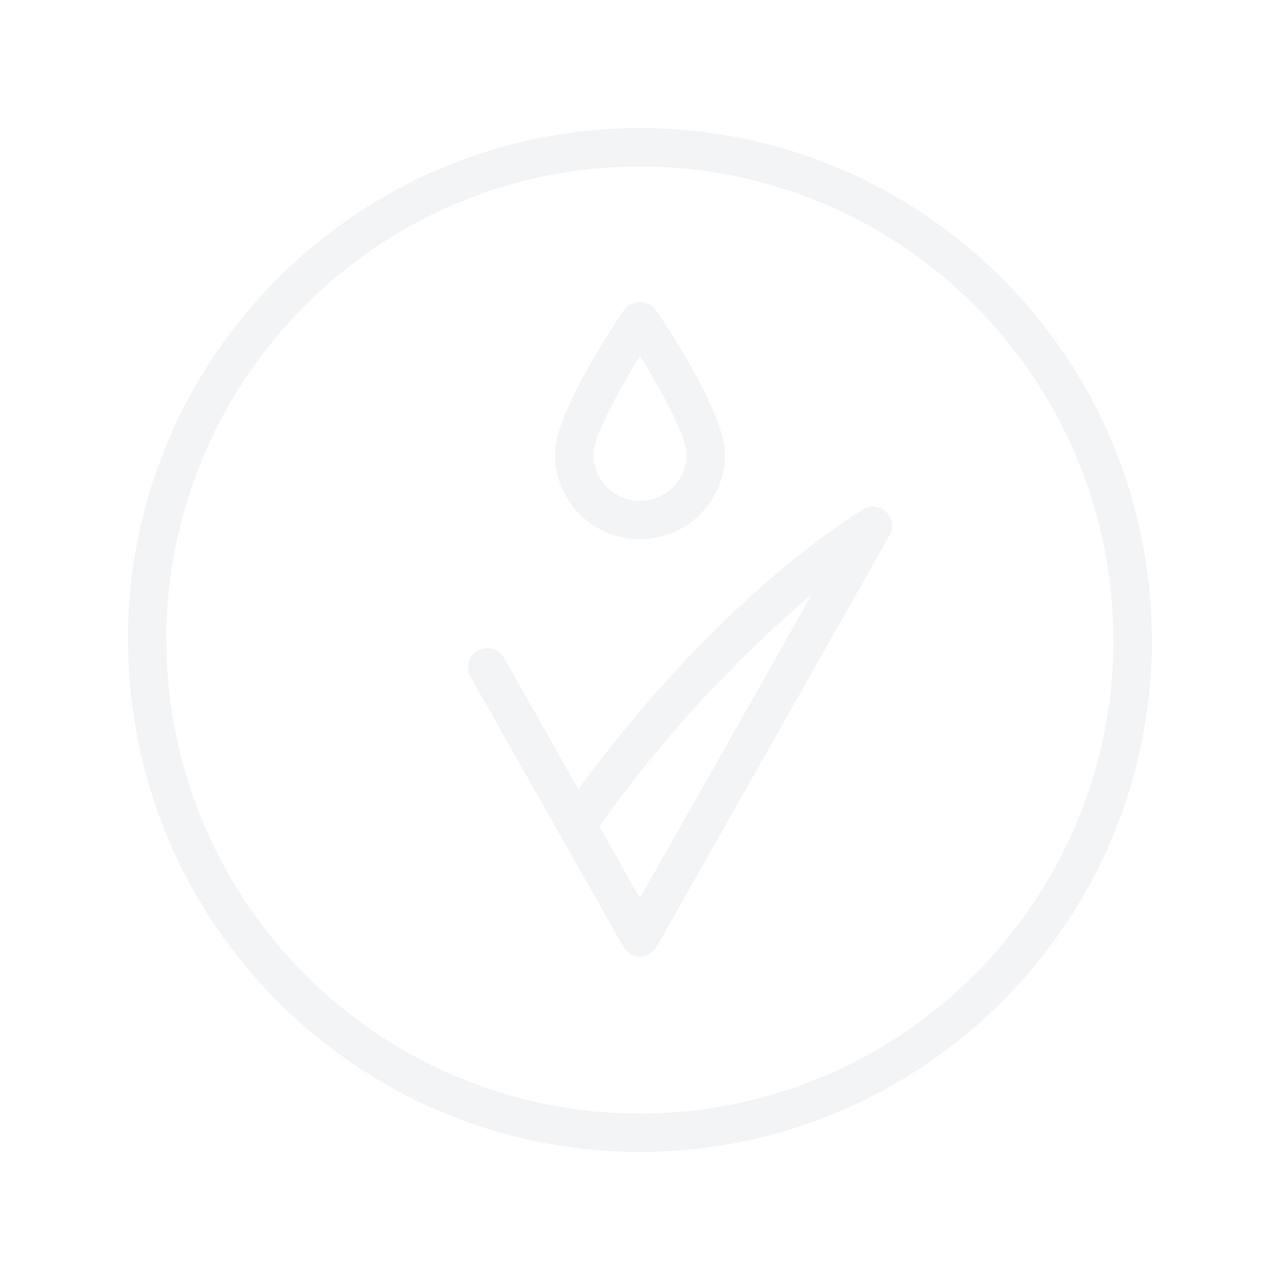 MAYBELLINE Fit Me Matte+Poreless Powder пудра компактная матирующая 14g